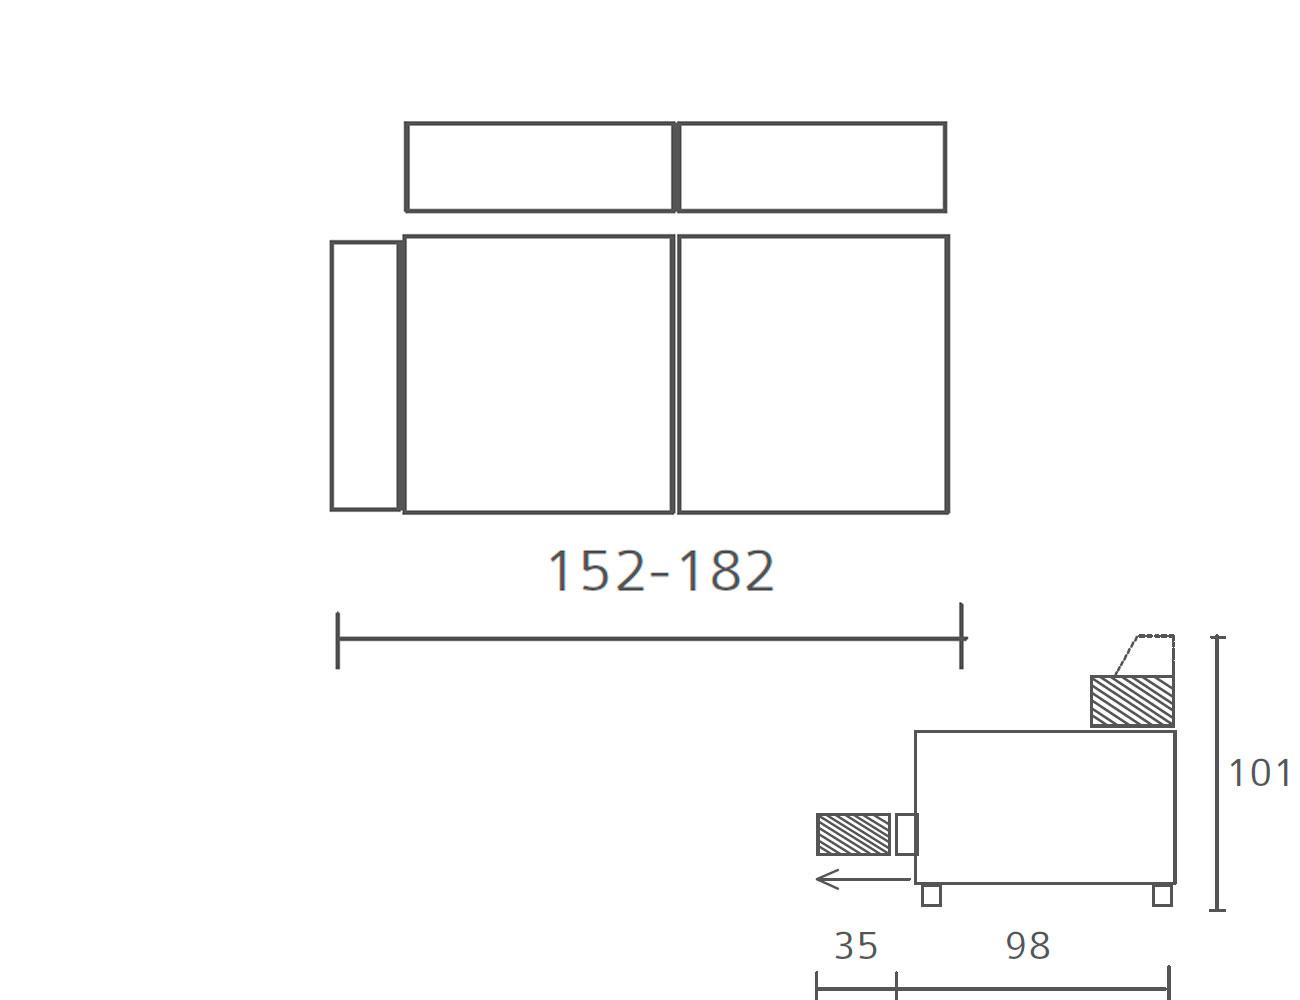 Modulo con 1 brazo 152 1826